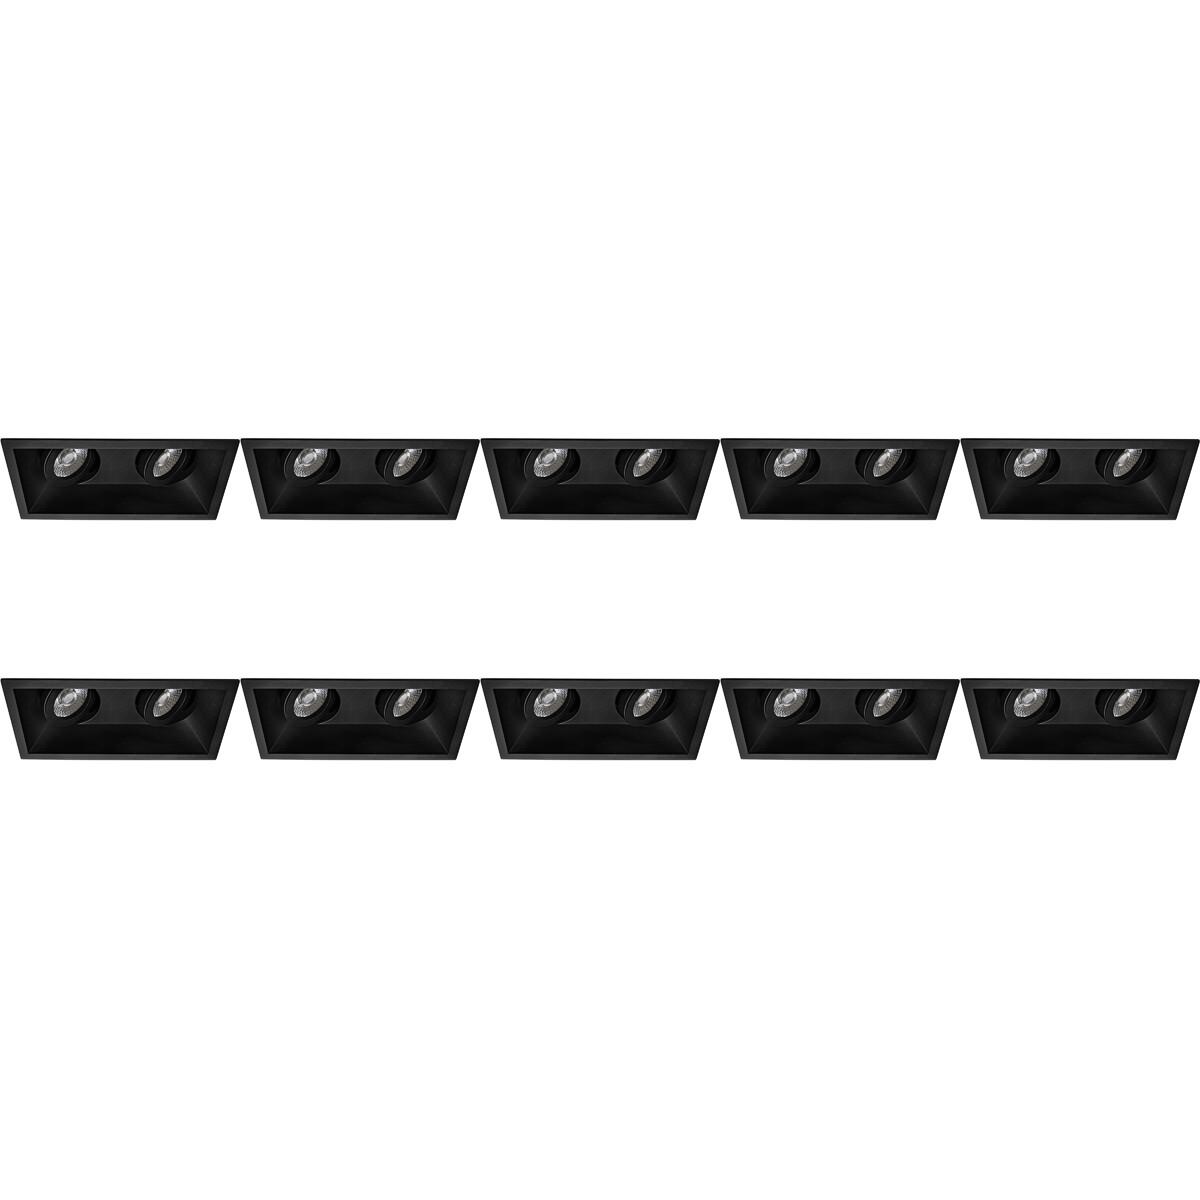 Spot Armatuur 10 Pack - Pragmi Zano Pro - GU10 Fitting - Inbouw Rechthoek Dubbel - Mat Zwart - Alumi